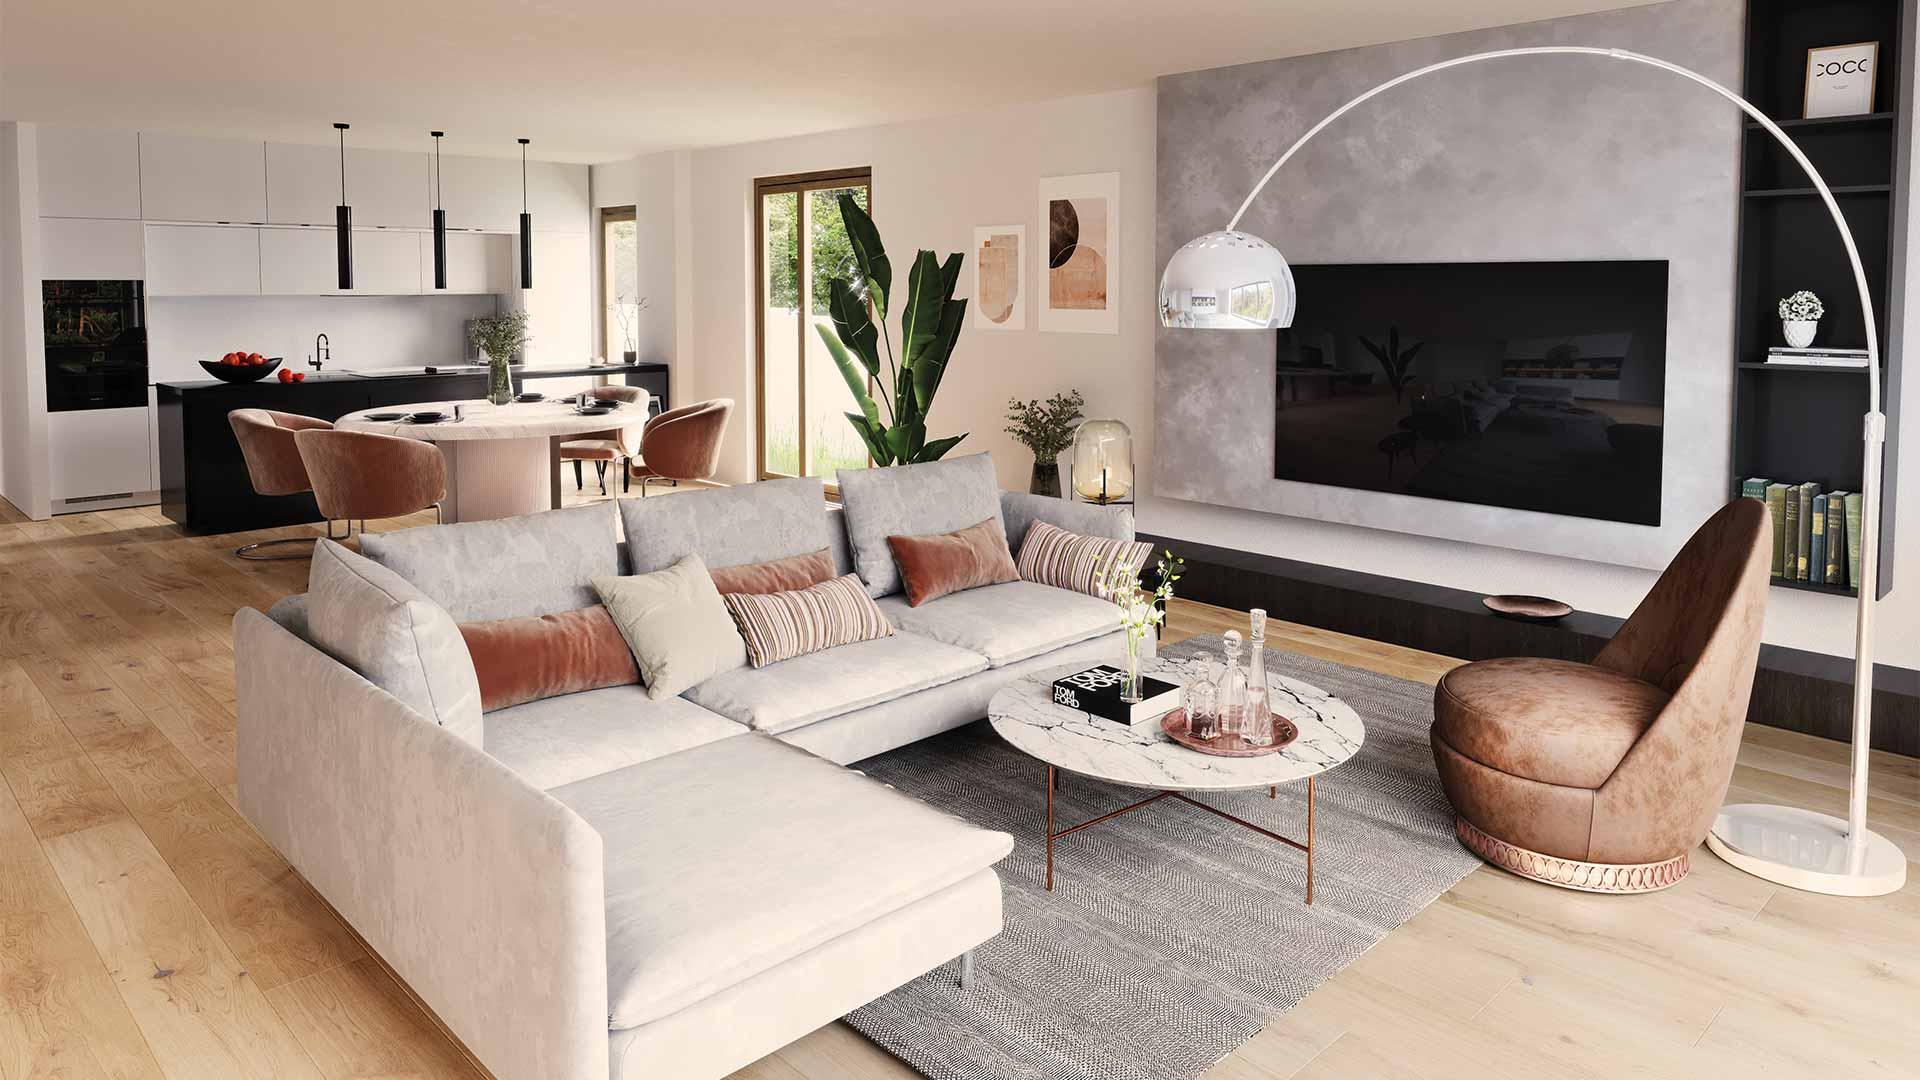 PARK-AVENUE_5_Raum_Visionen_Immobilien_marketing